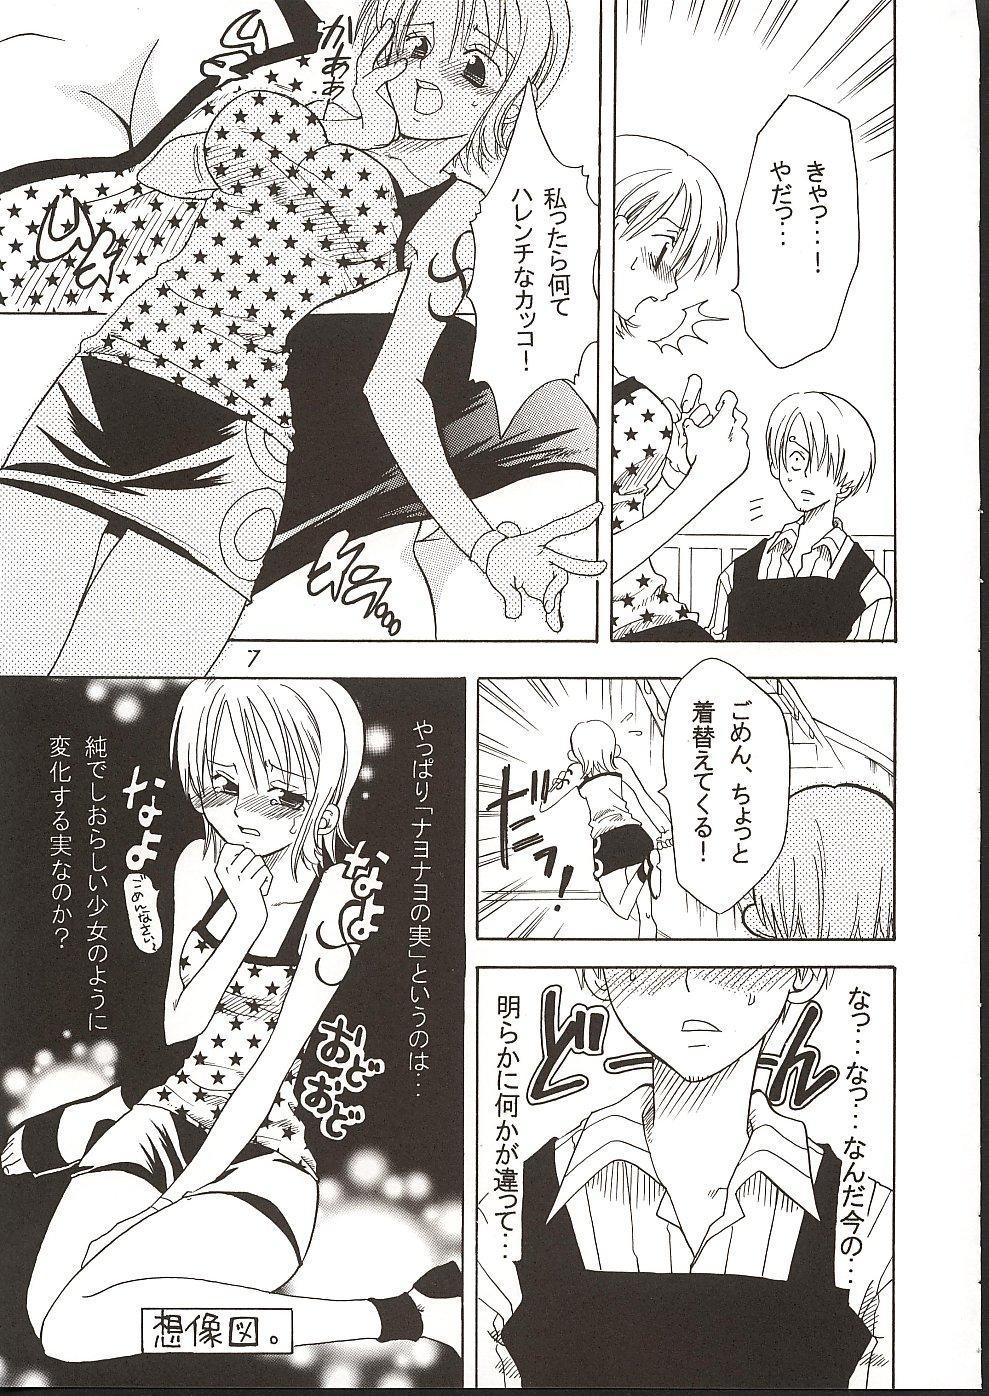 Shiawase Punch! 3 5